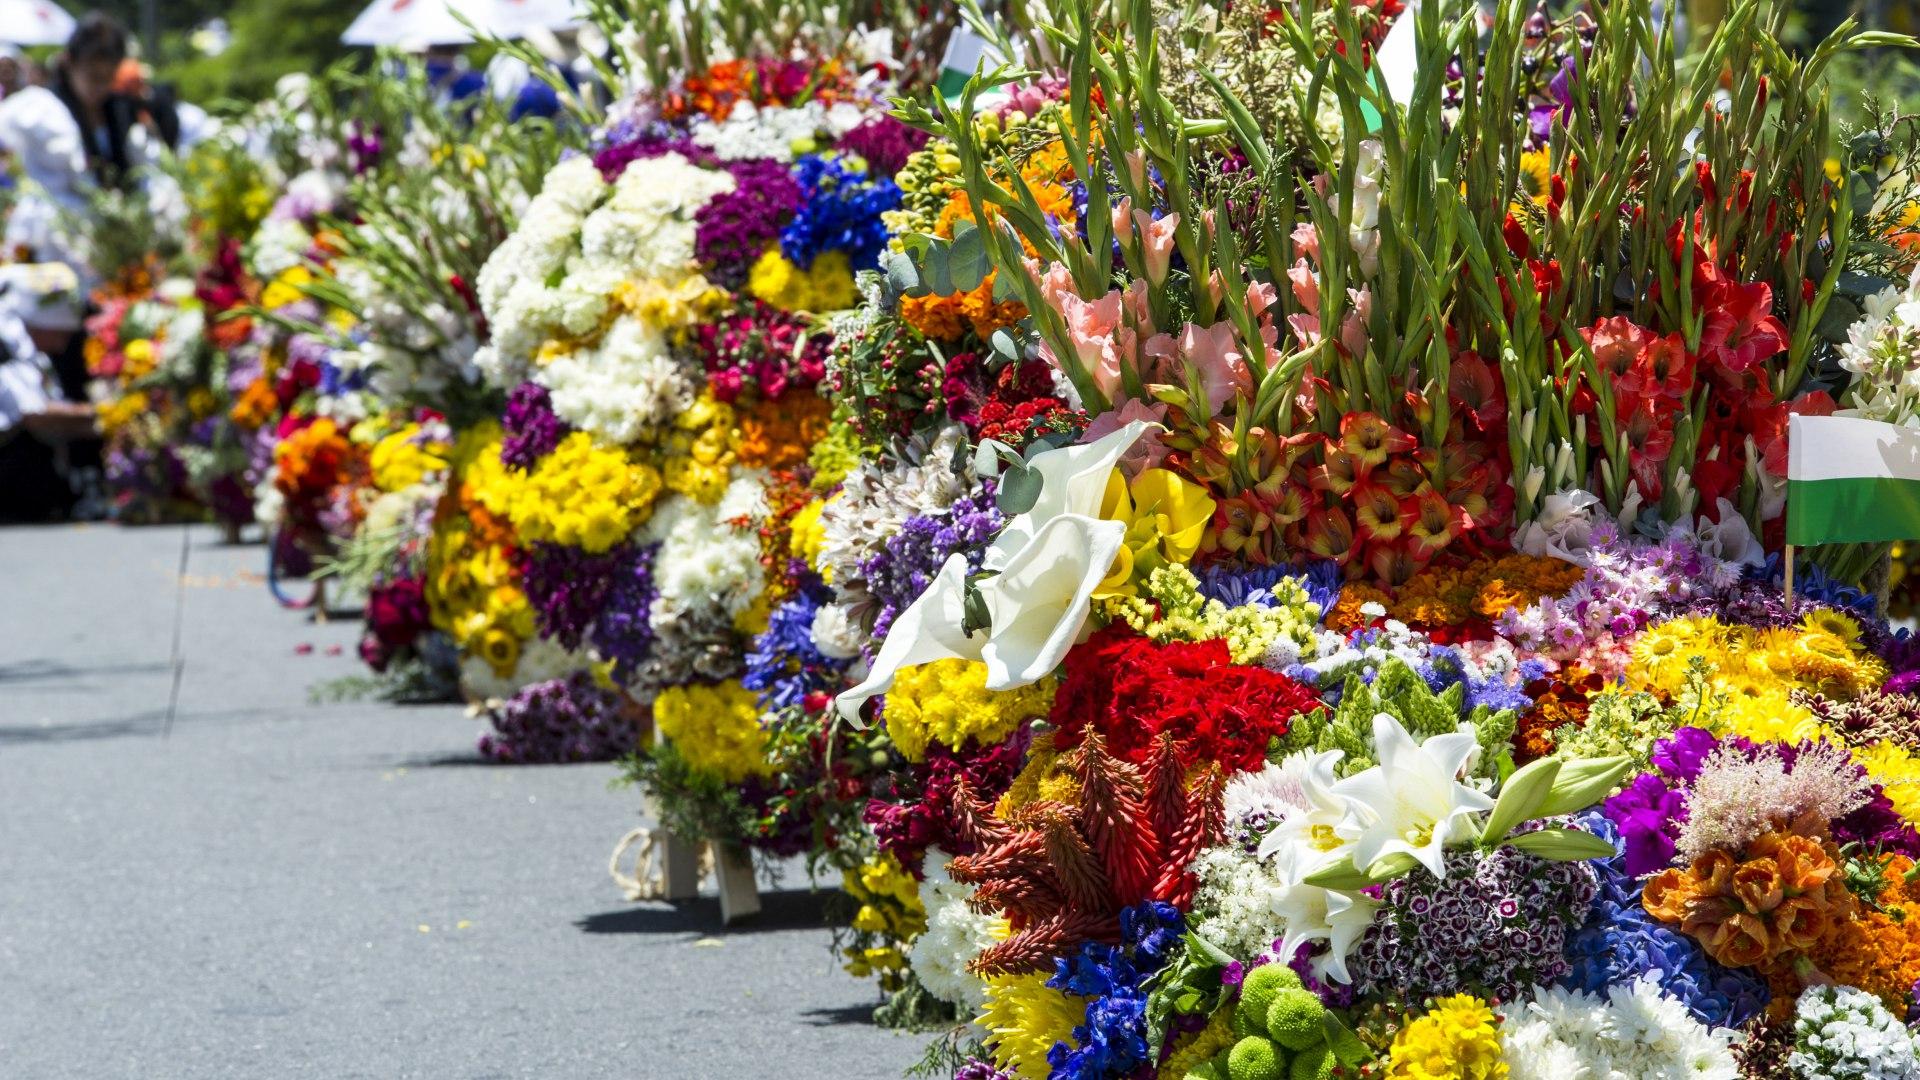 La fête des fleurs à Medellín - Terra Colombia